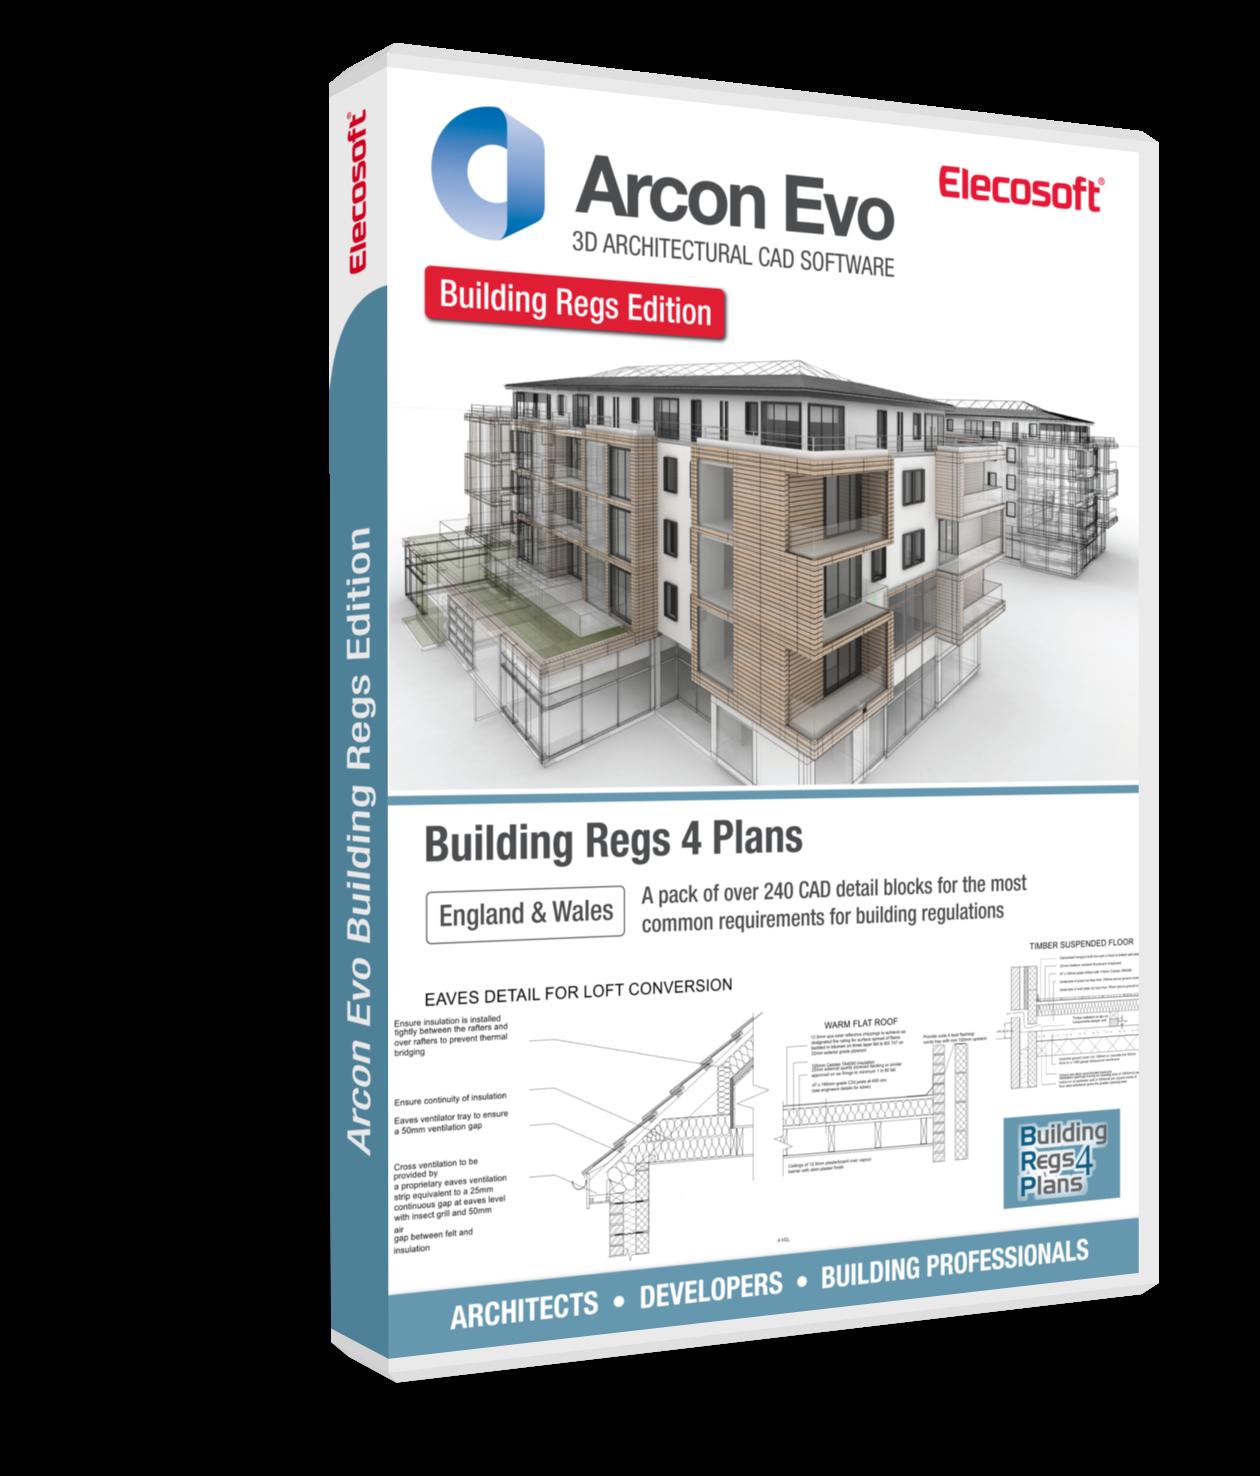 Arcon Evo architectural CAD software